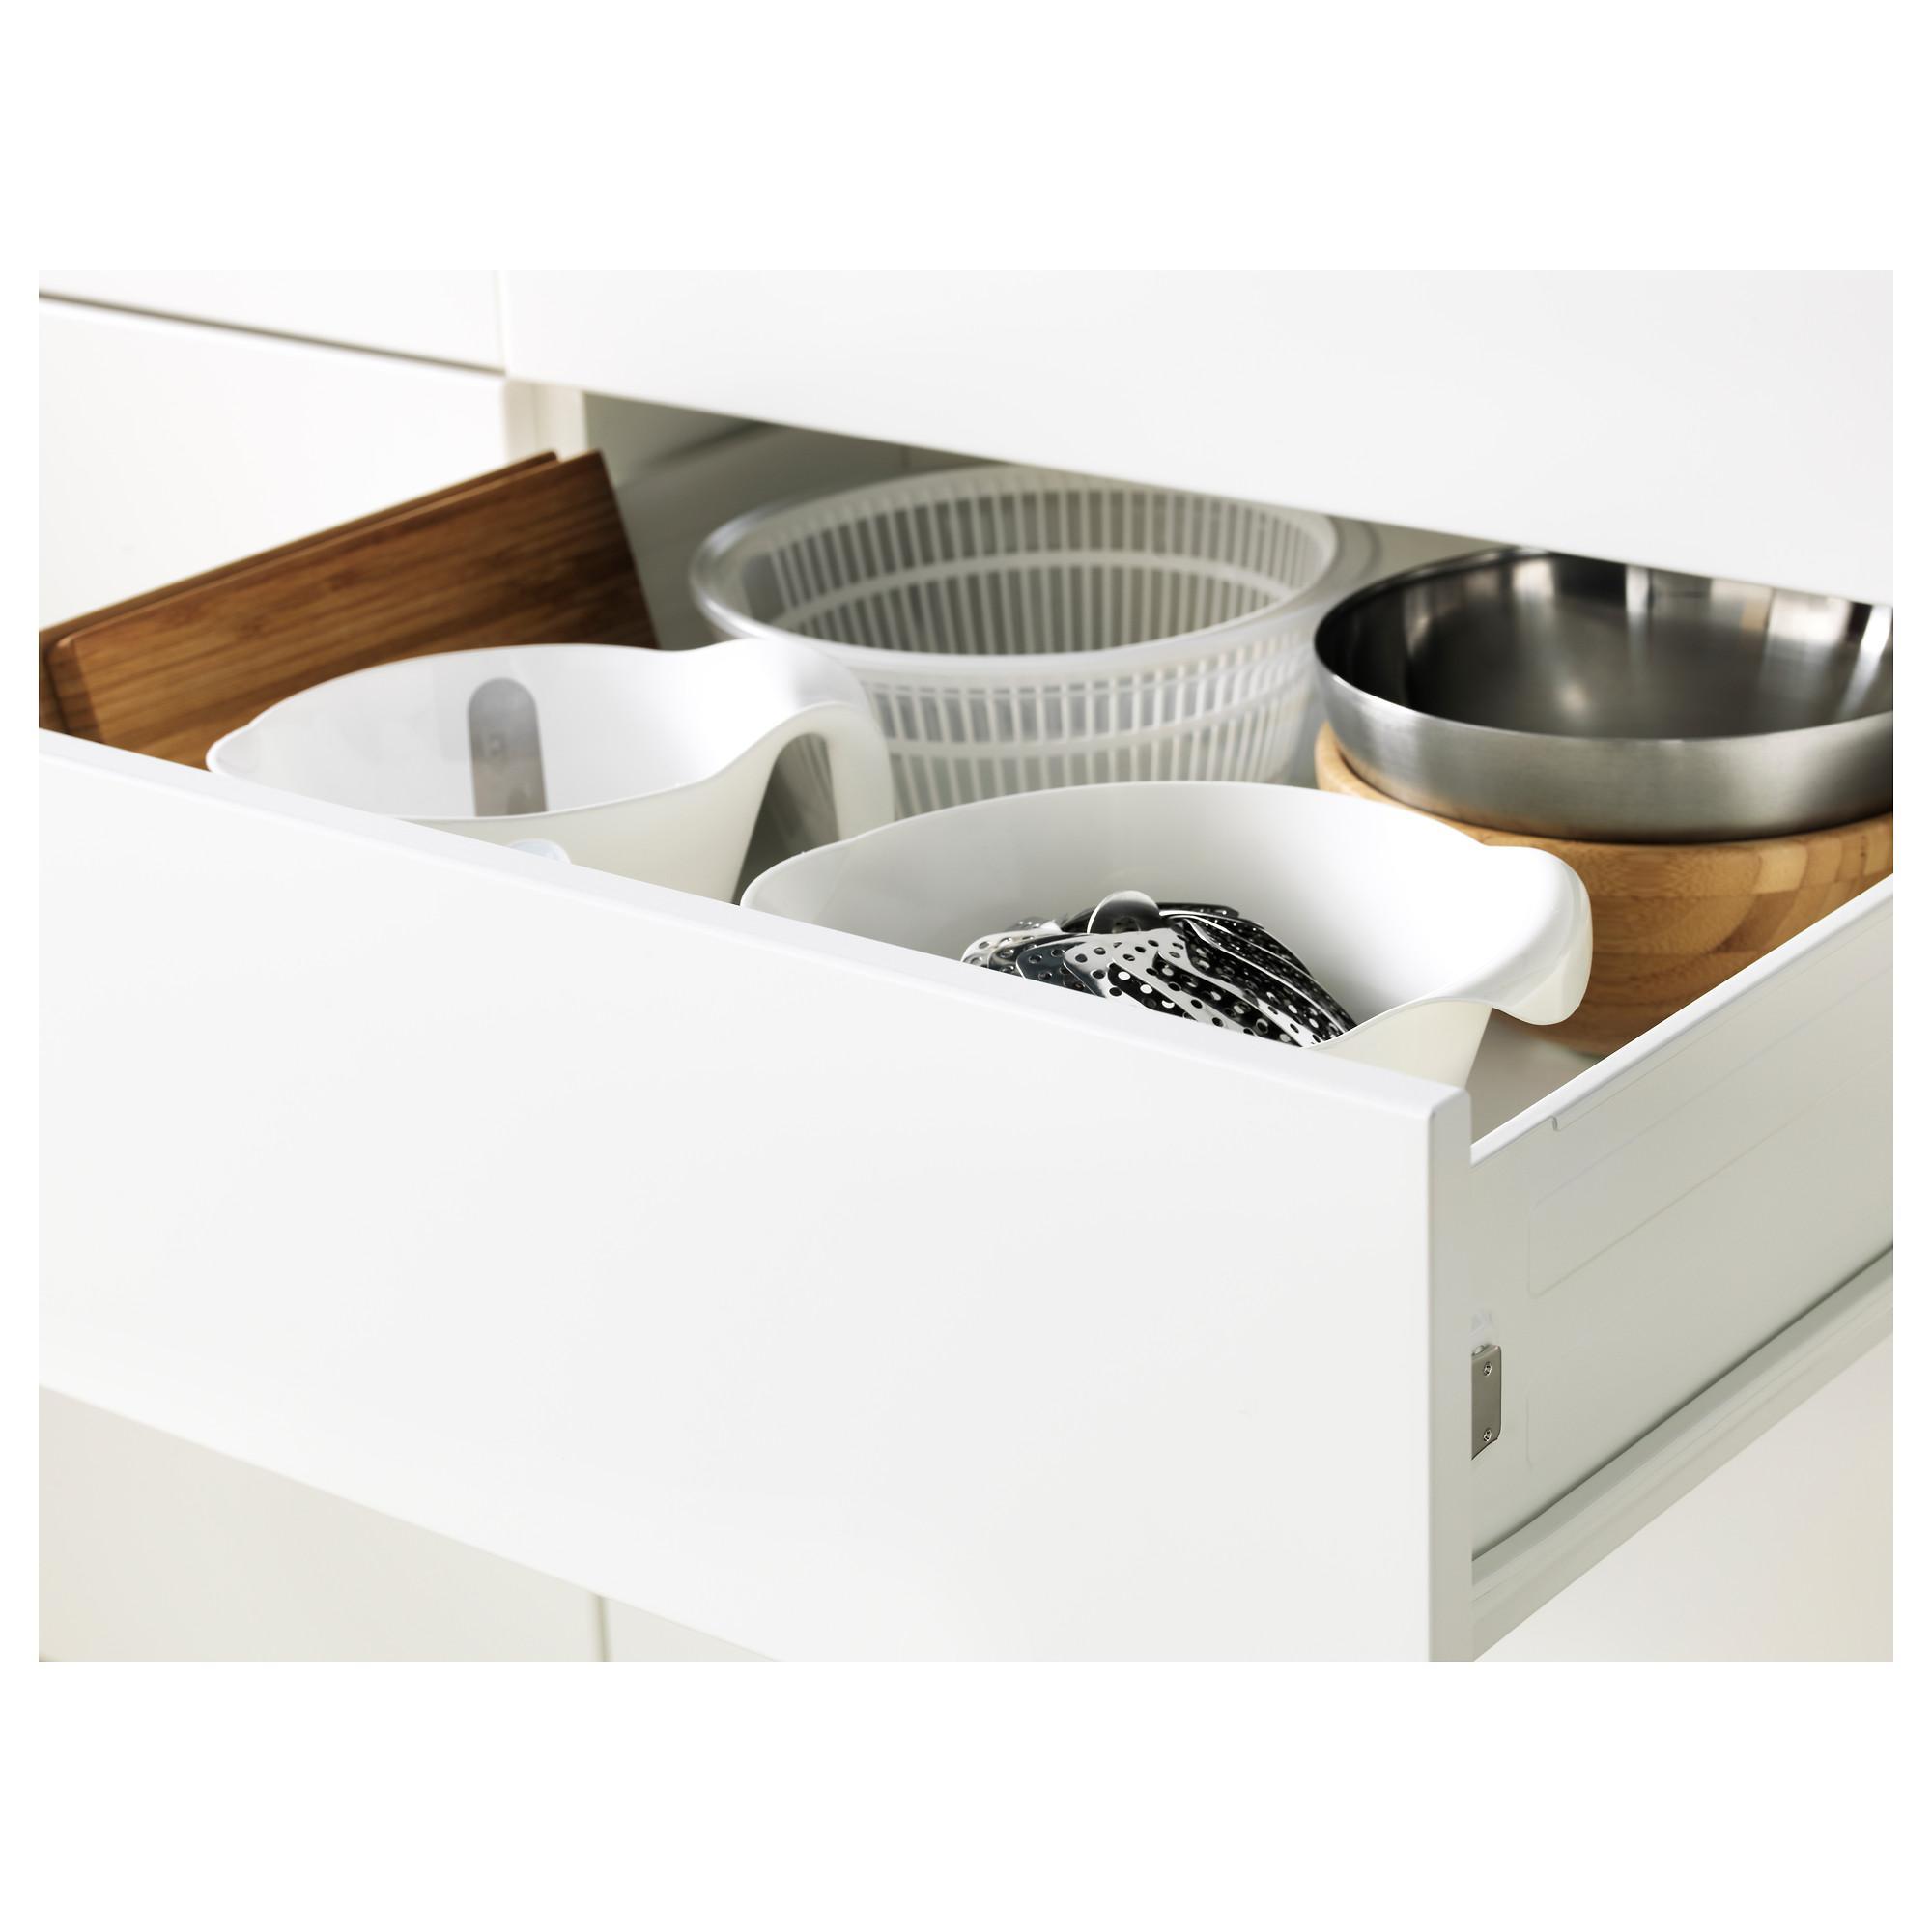 Высокий шкаф для духовки, дверца, 4 ящика МЕТОД / ФОРВАРА белый артикуль № 792.647.76 в наличии. Интернет сайт IKEA Республика Беларусь. Недорогая доставка и соборка.